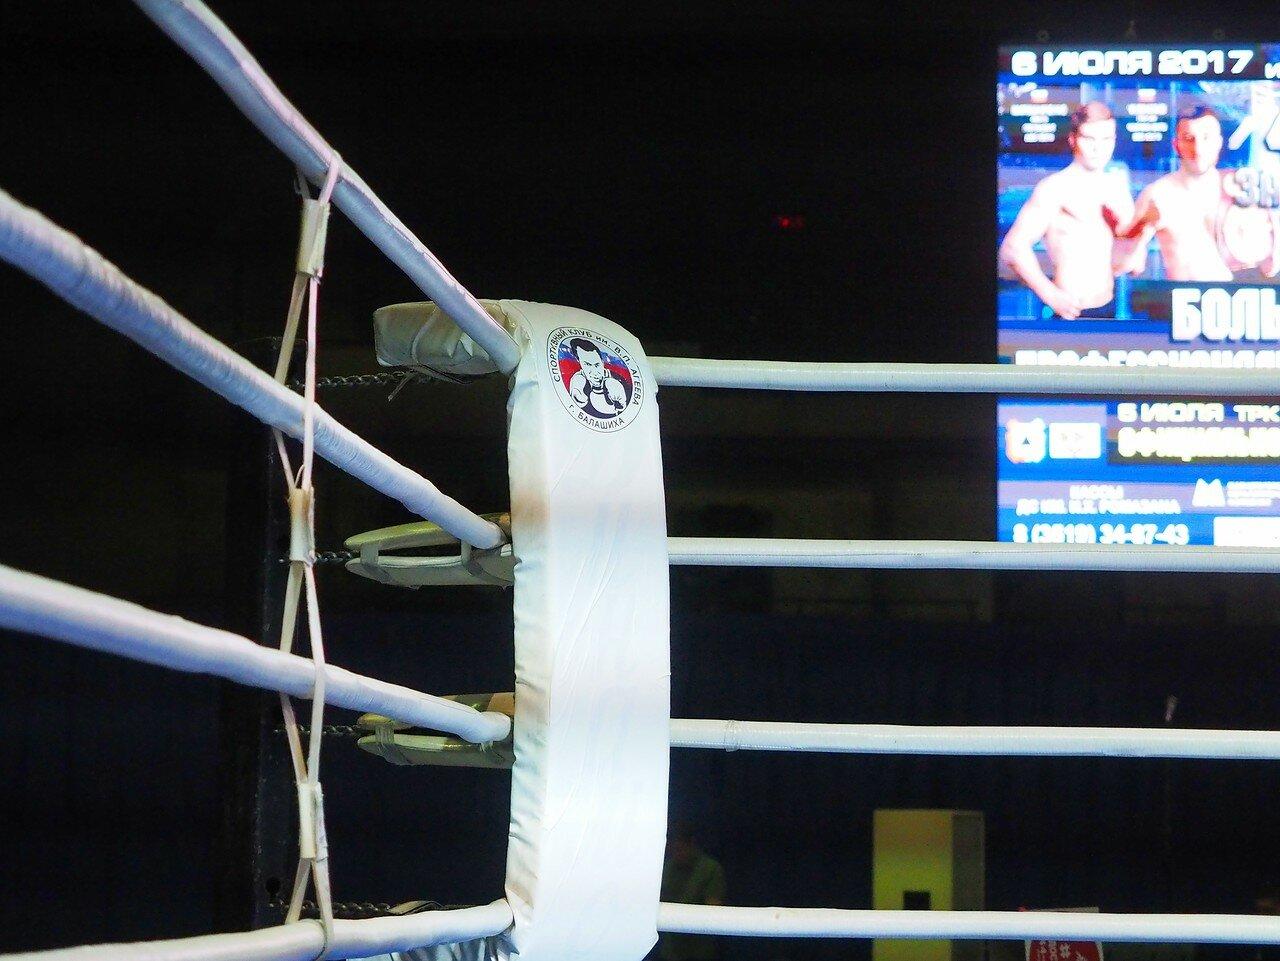 4 Вечер профессионального бокса в Магнитогорске 06.07.2017